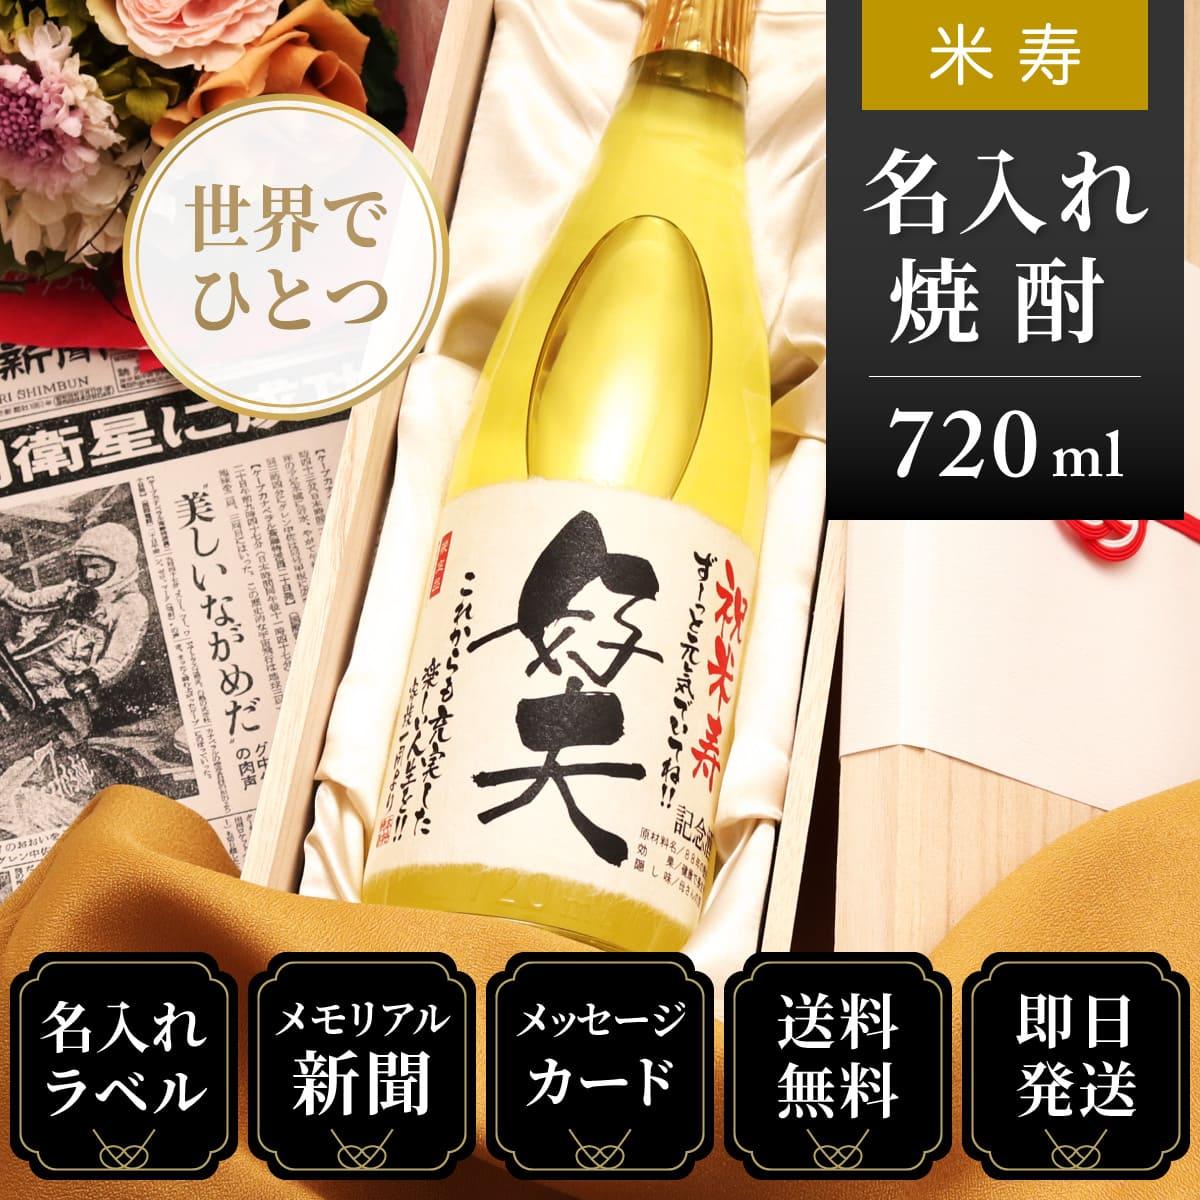 米寿のお祝い、贈り物に記念日の新聞付き「華乃雫月」720ml(酒粕焼酎)